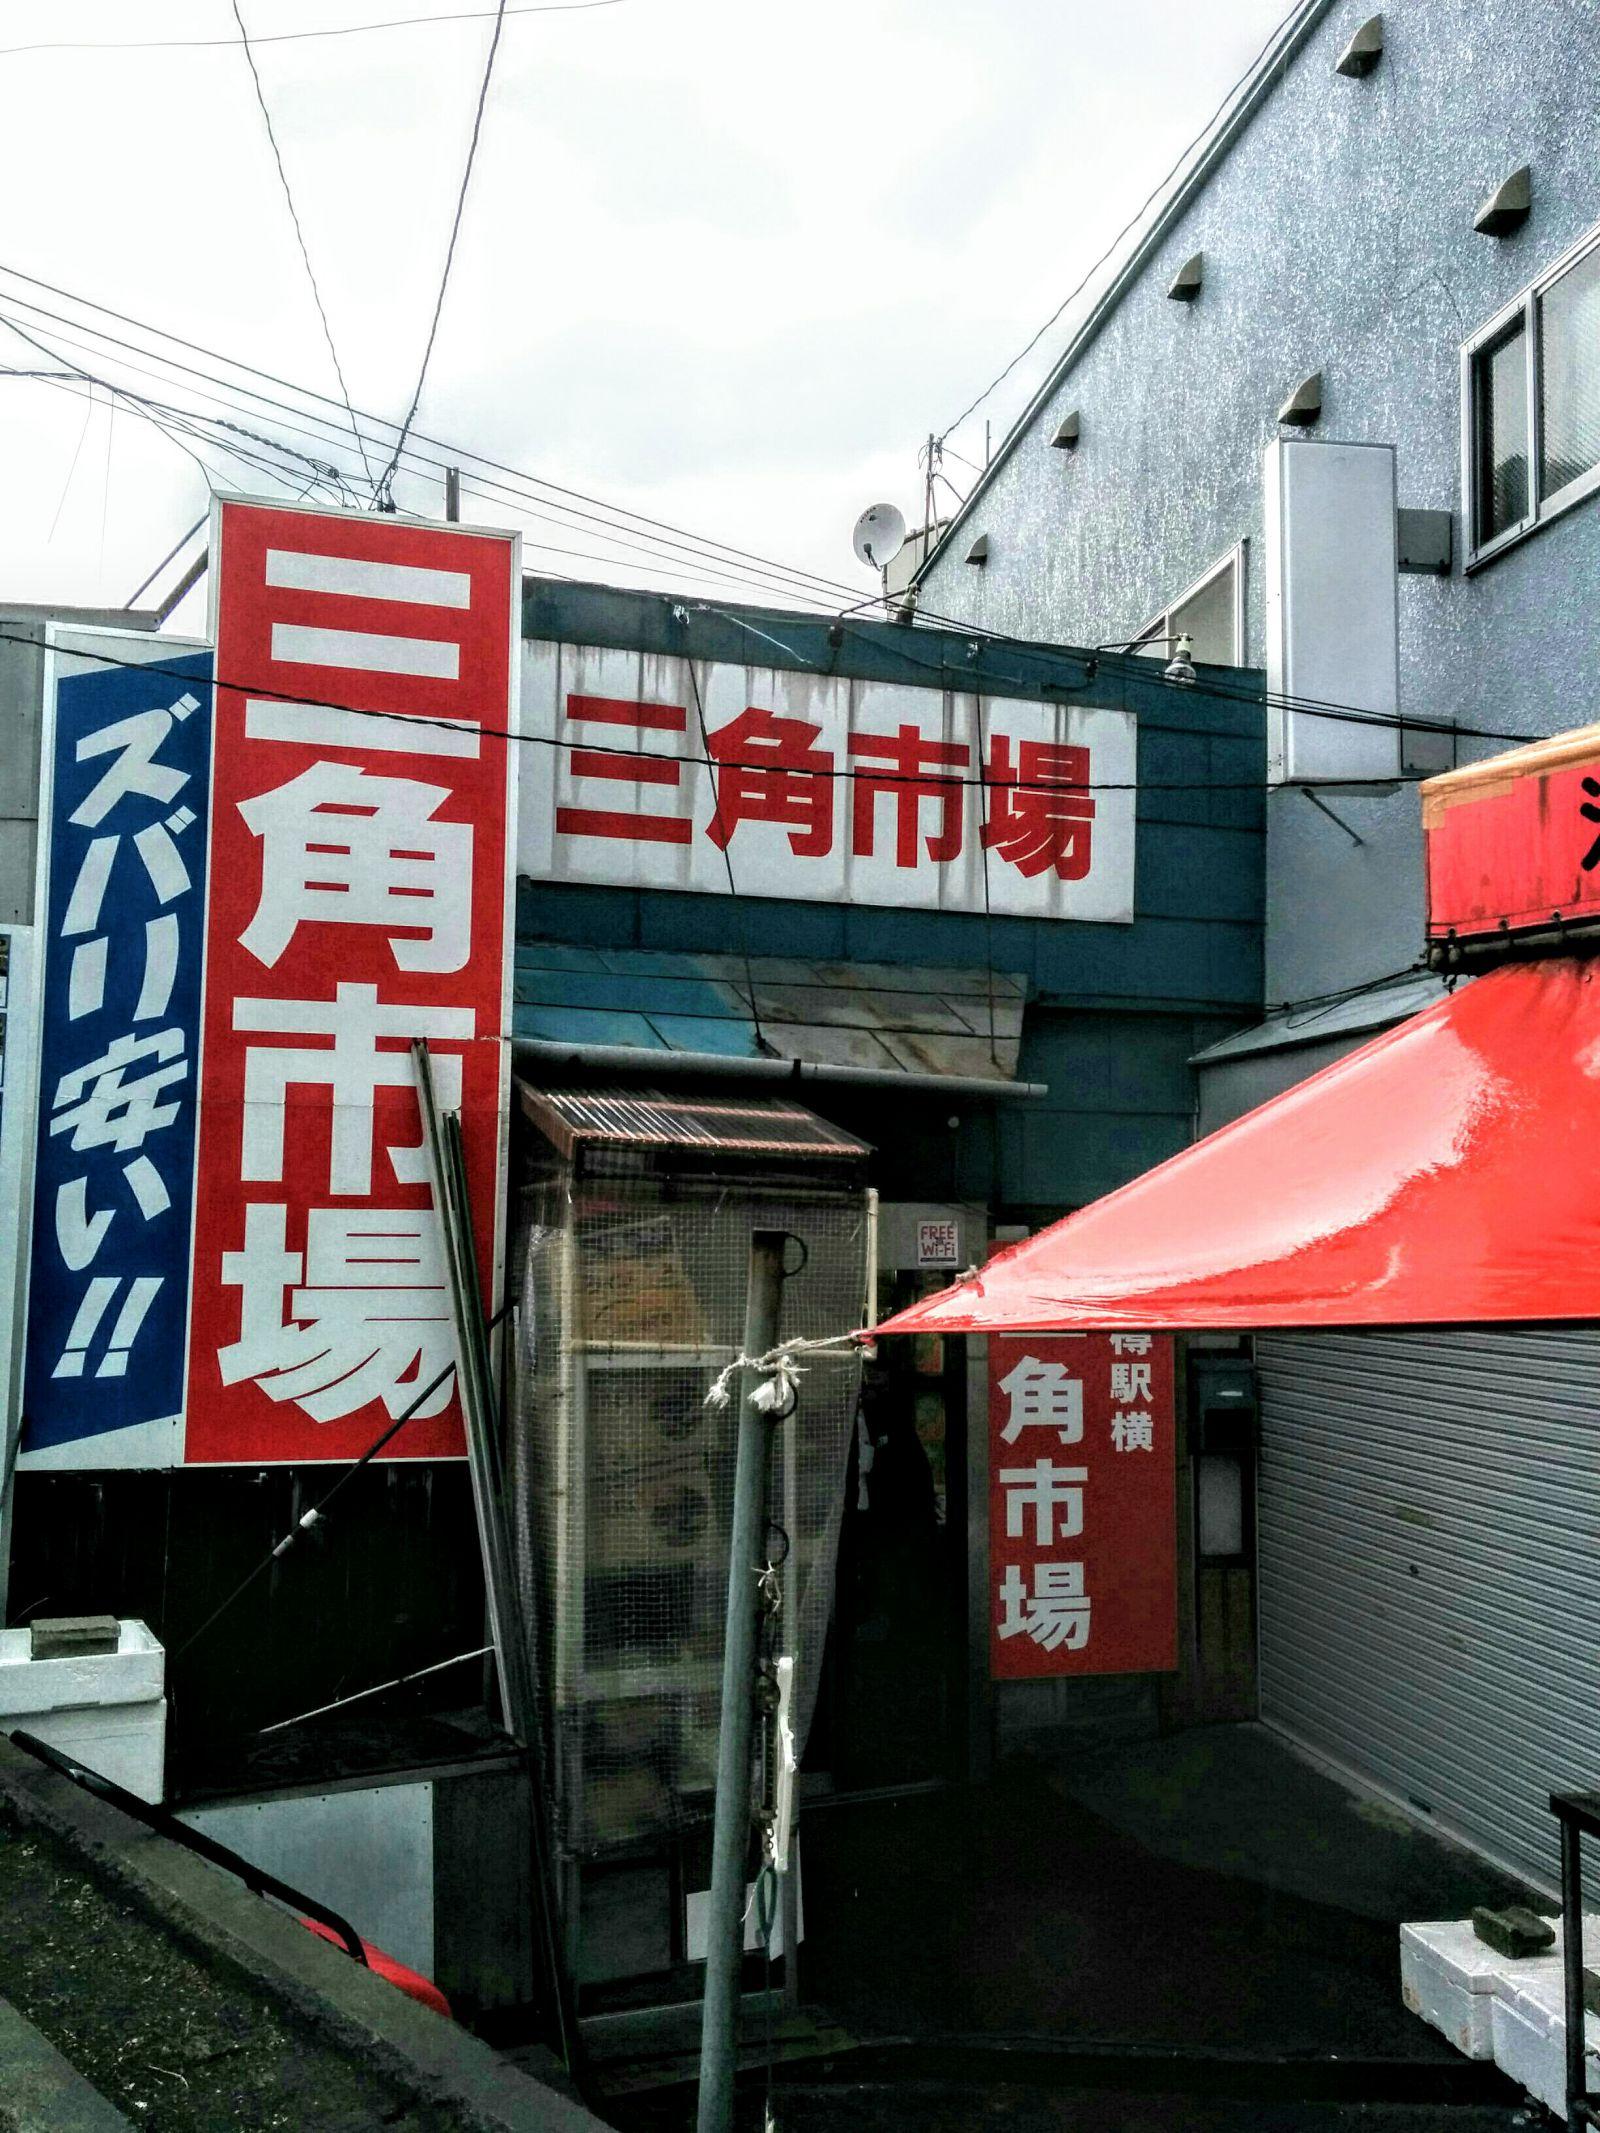 【小樽】小樽三角市場観光案内です。